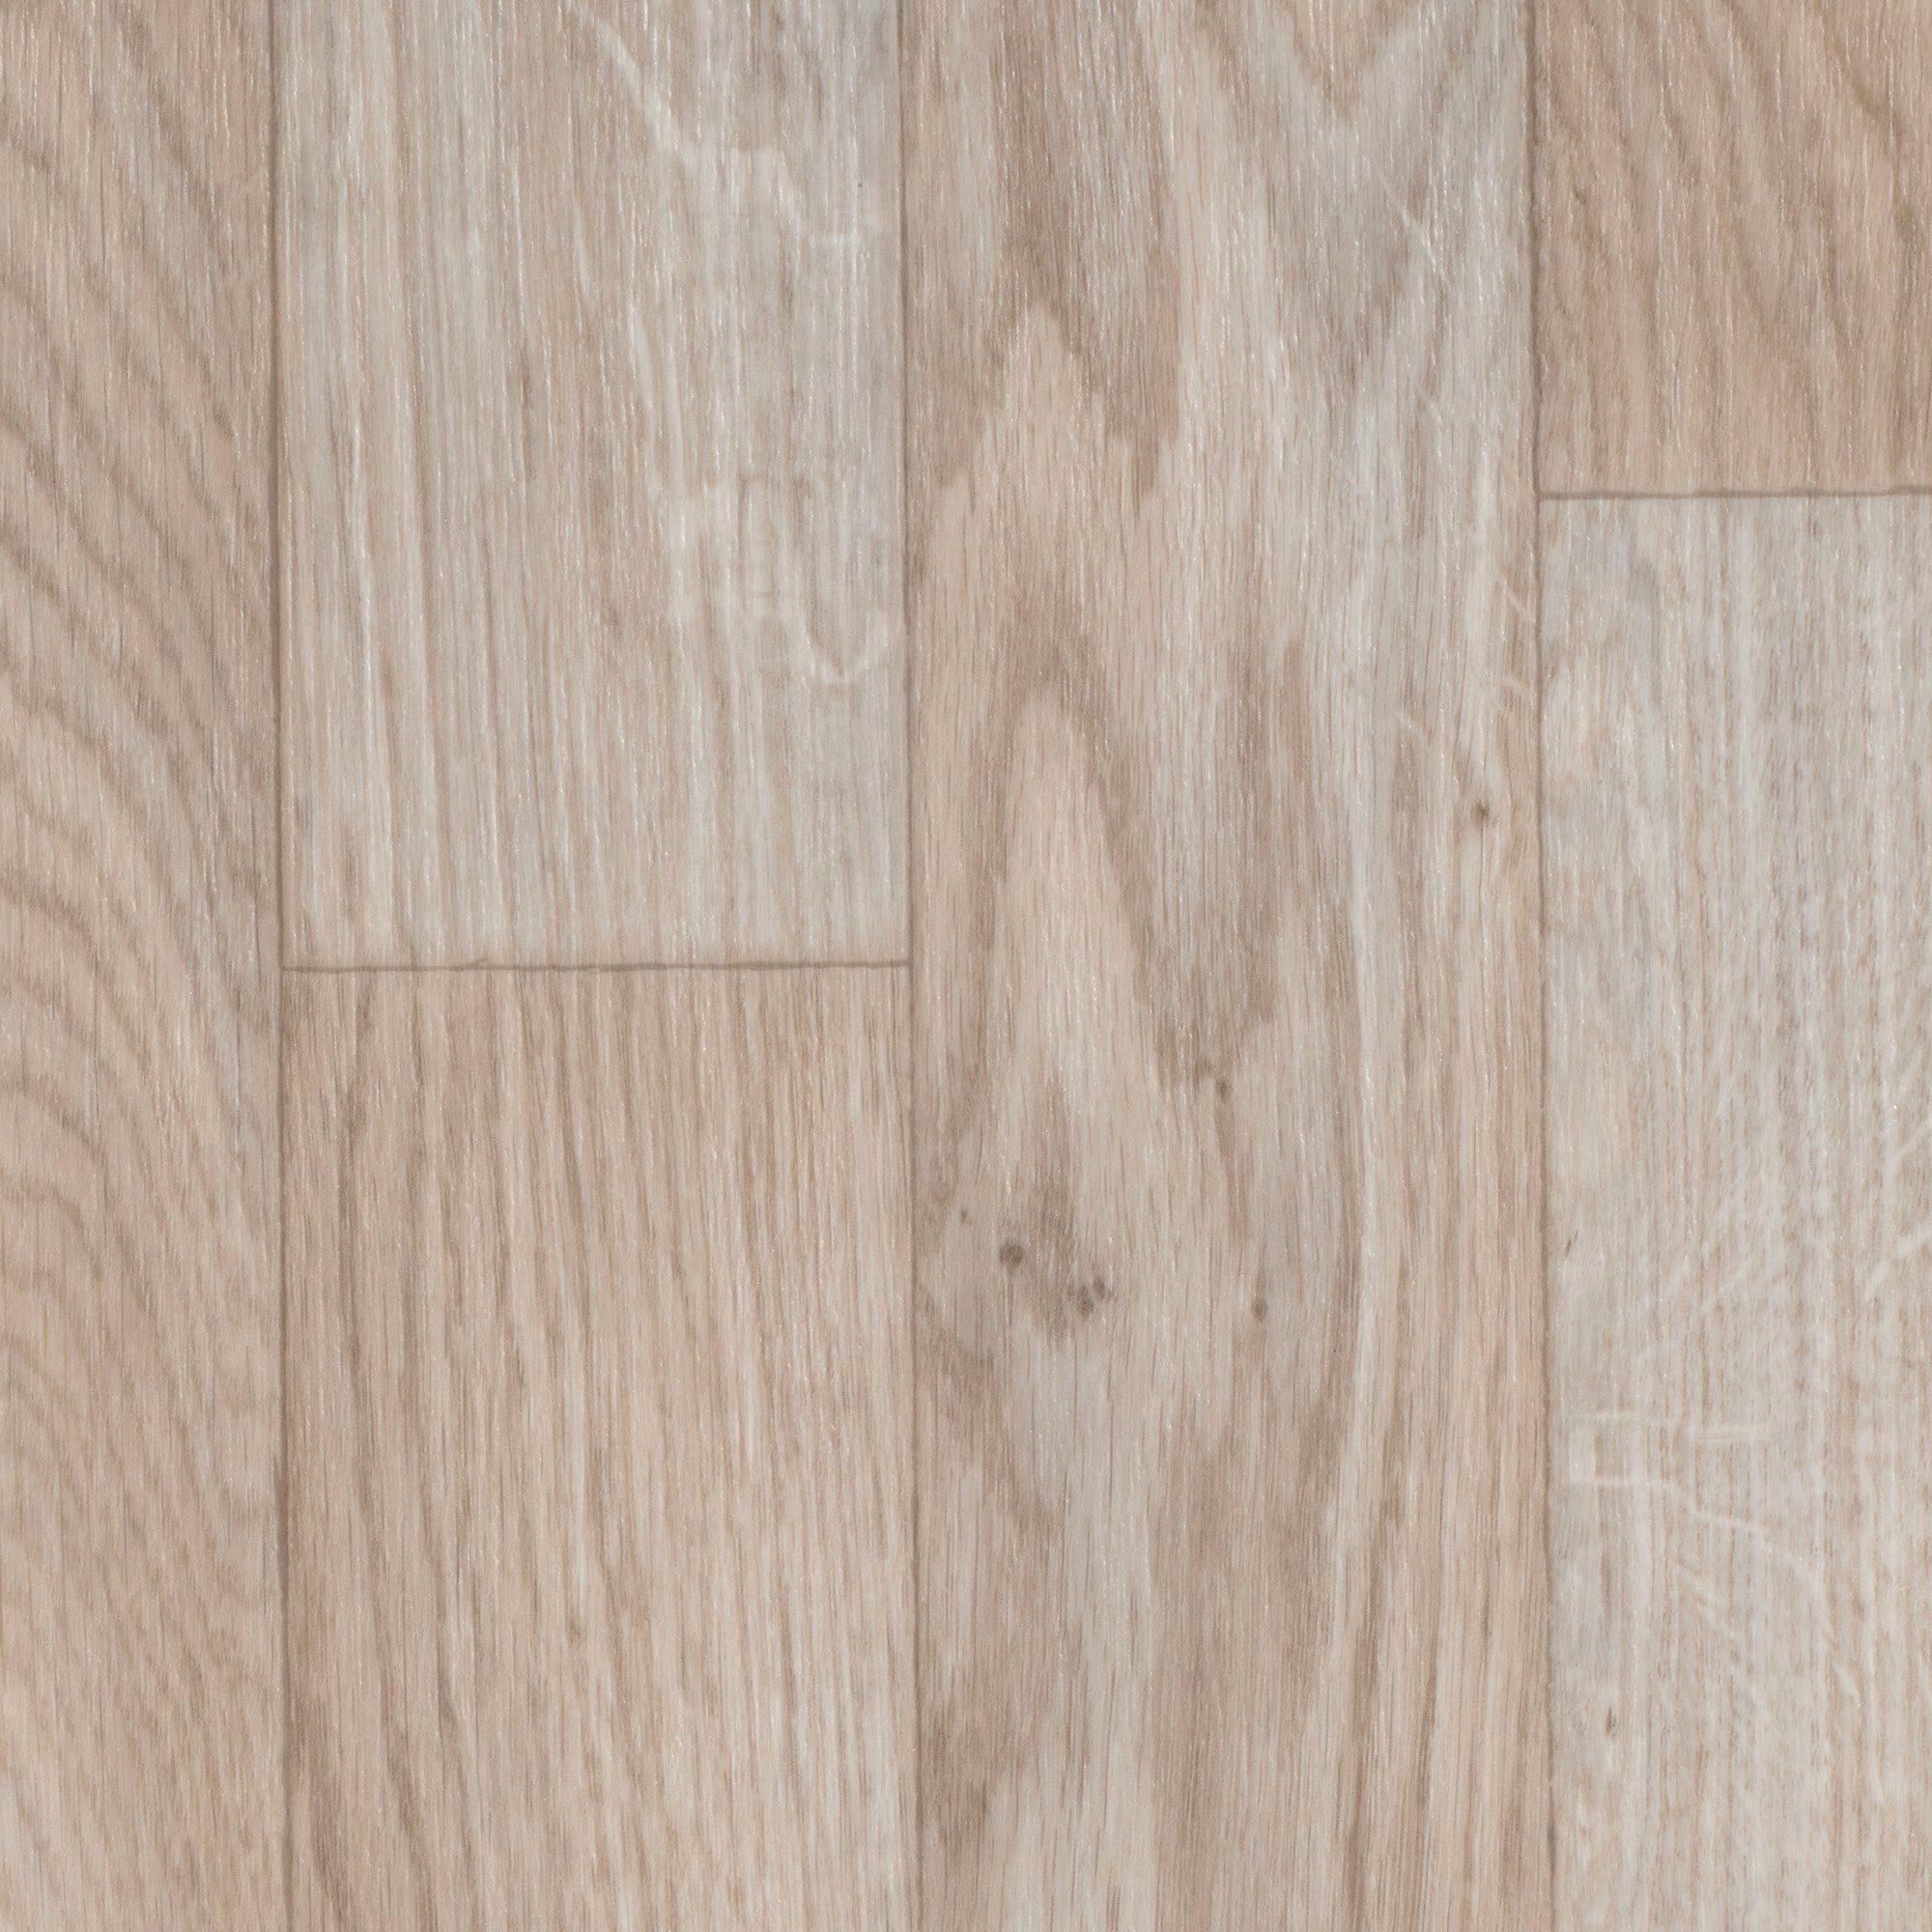 BODENMEISTER Vinylboden »Furlana«, Schiffsboden Eiche weiß, Breite 200/300/400 cm